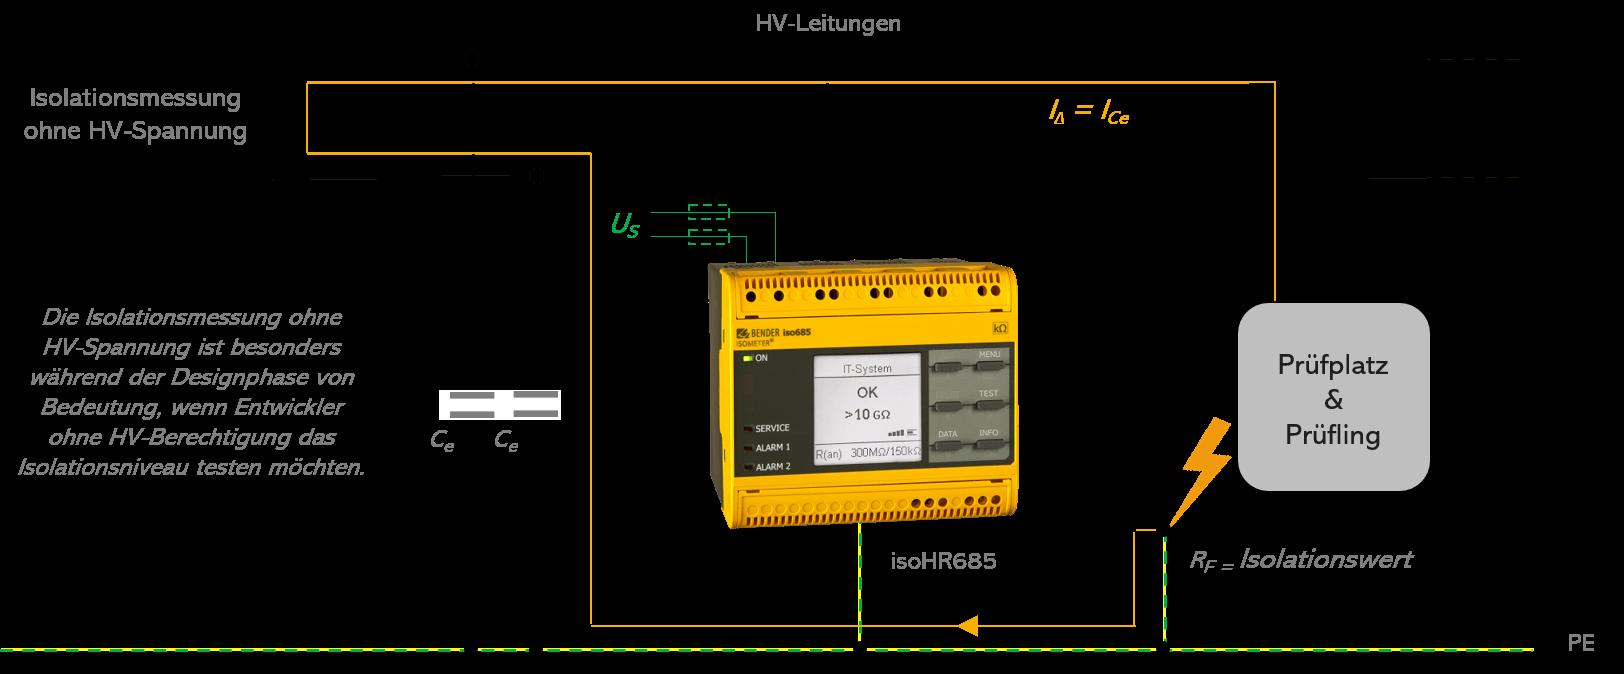 Schematische Darstellung eines HV-Prüfplatzes ohne HV-Spannung